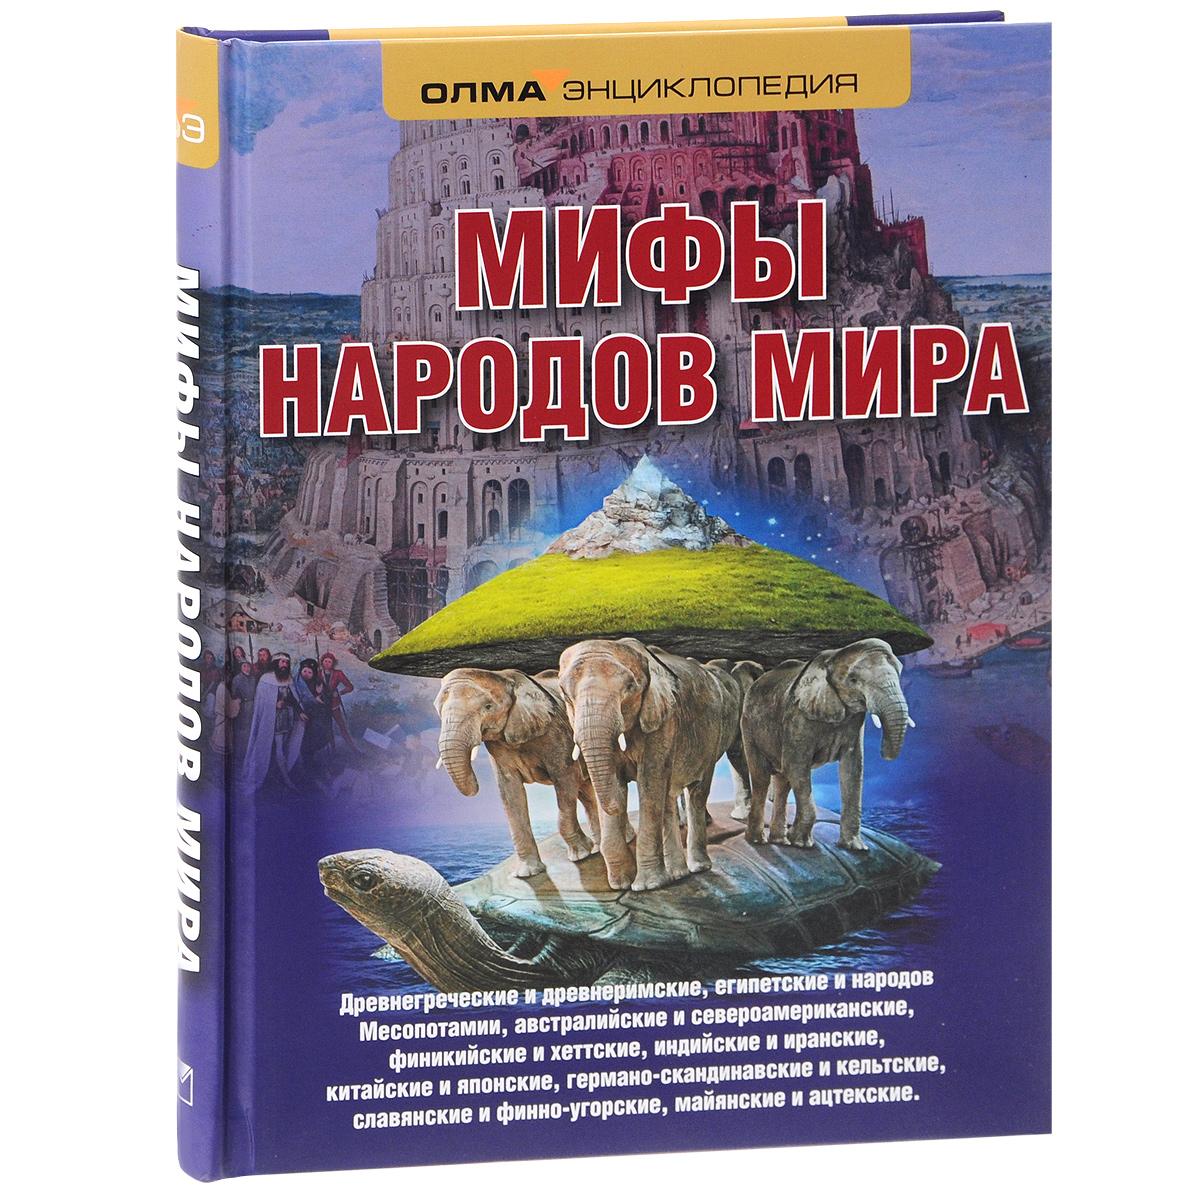 Мифы народов мира мифы народов мира cdpc